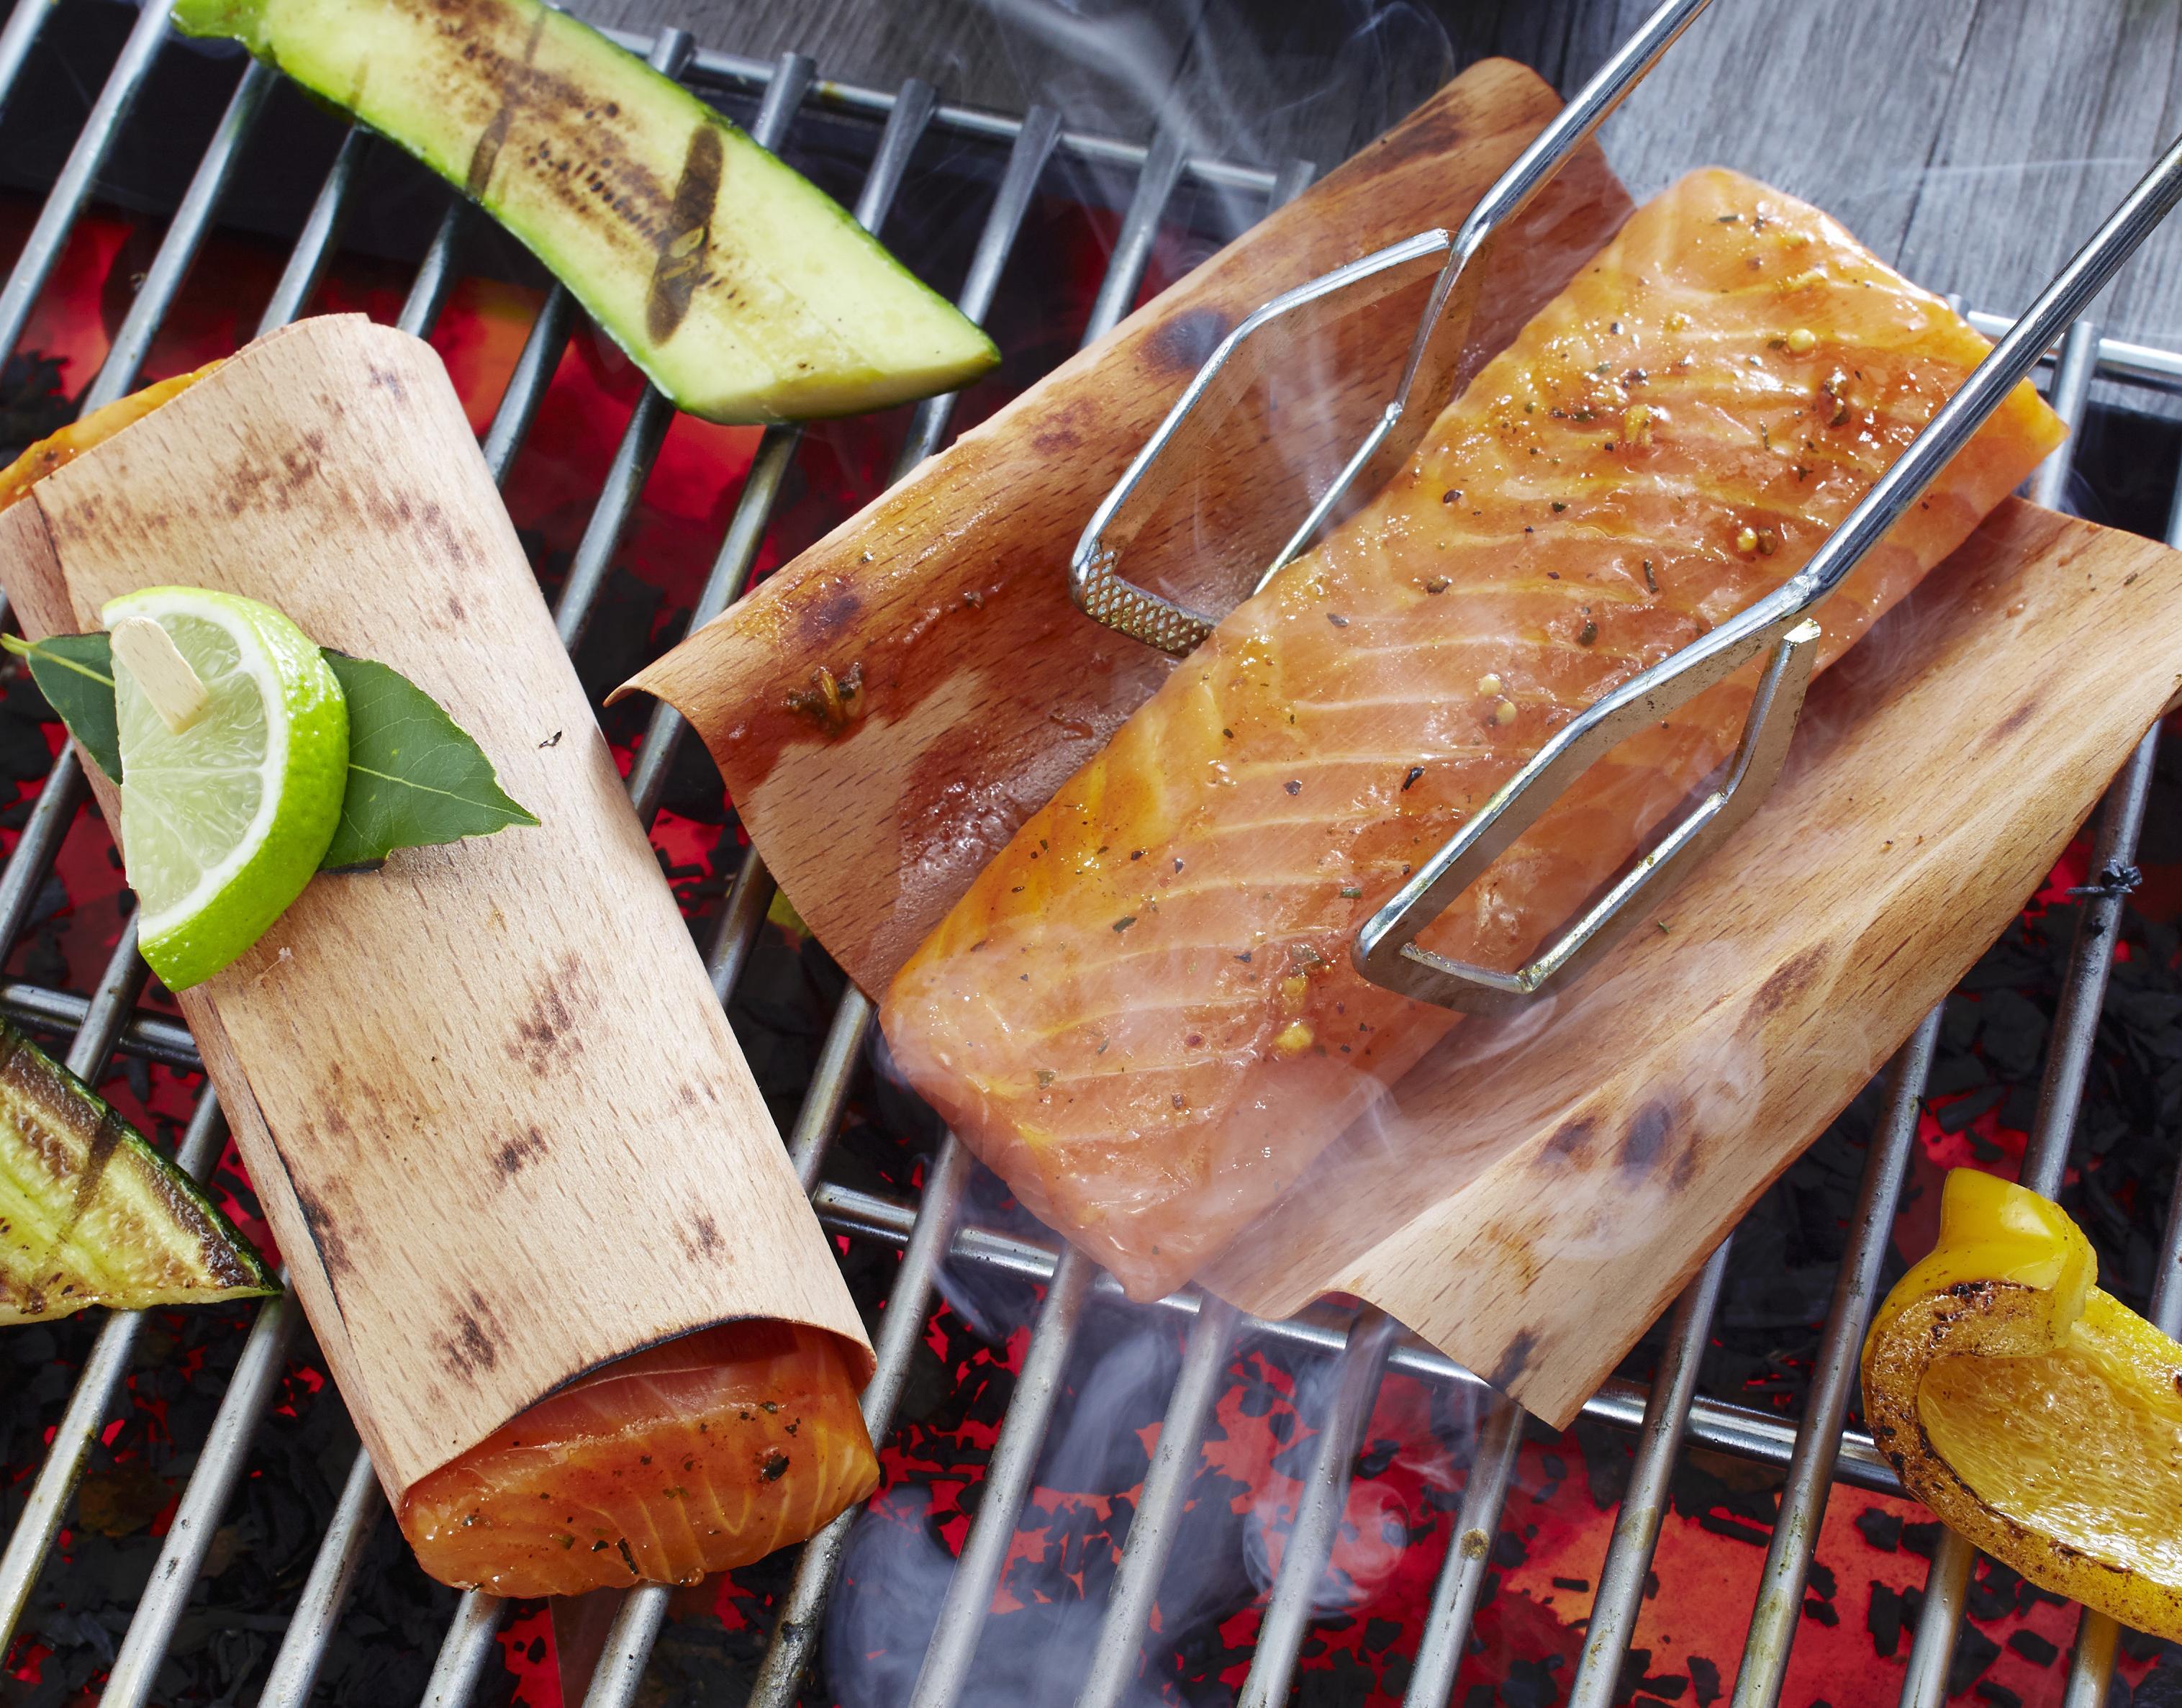 Fisch Gasgrill : Fisch grillen tipps & tricks deutsche see